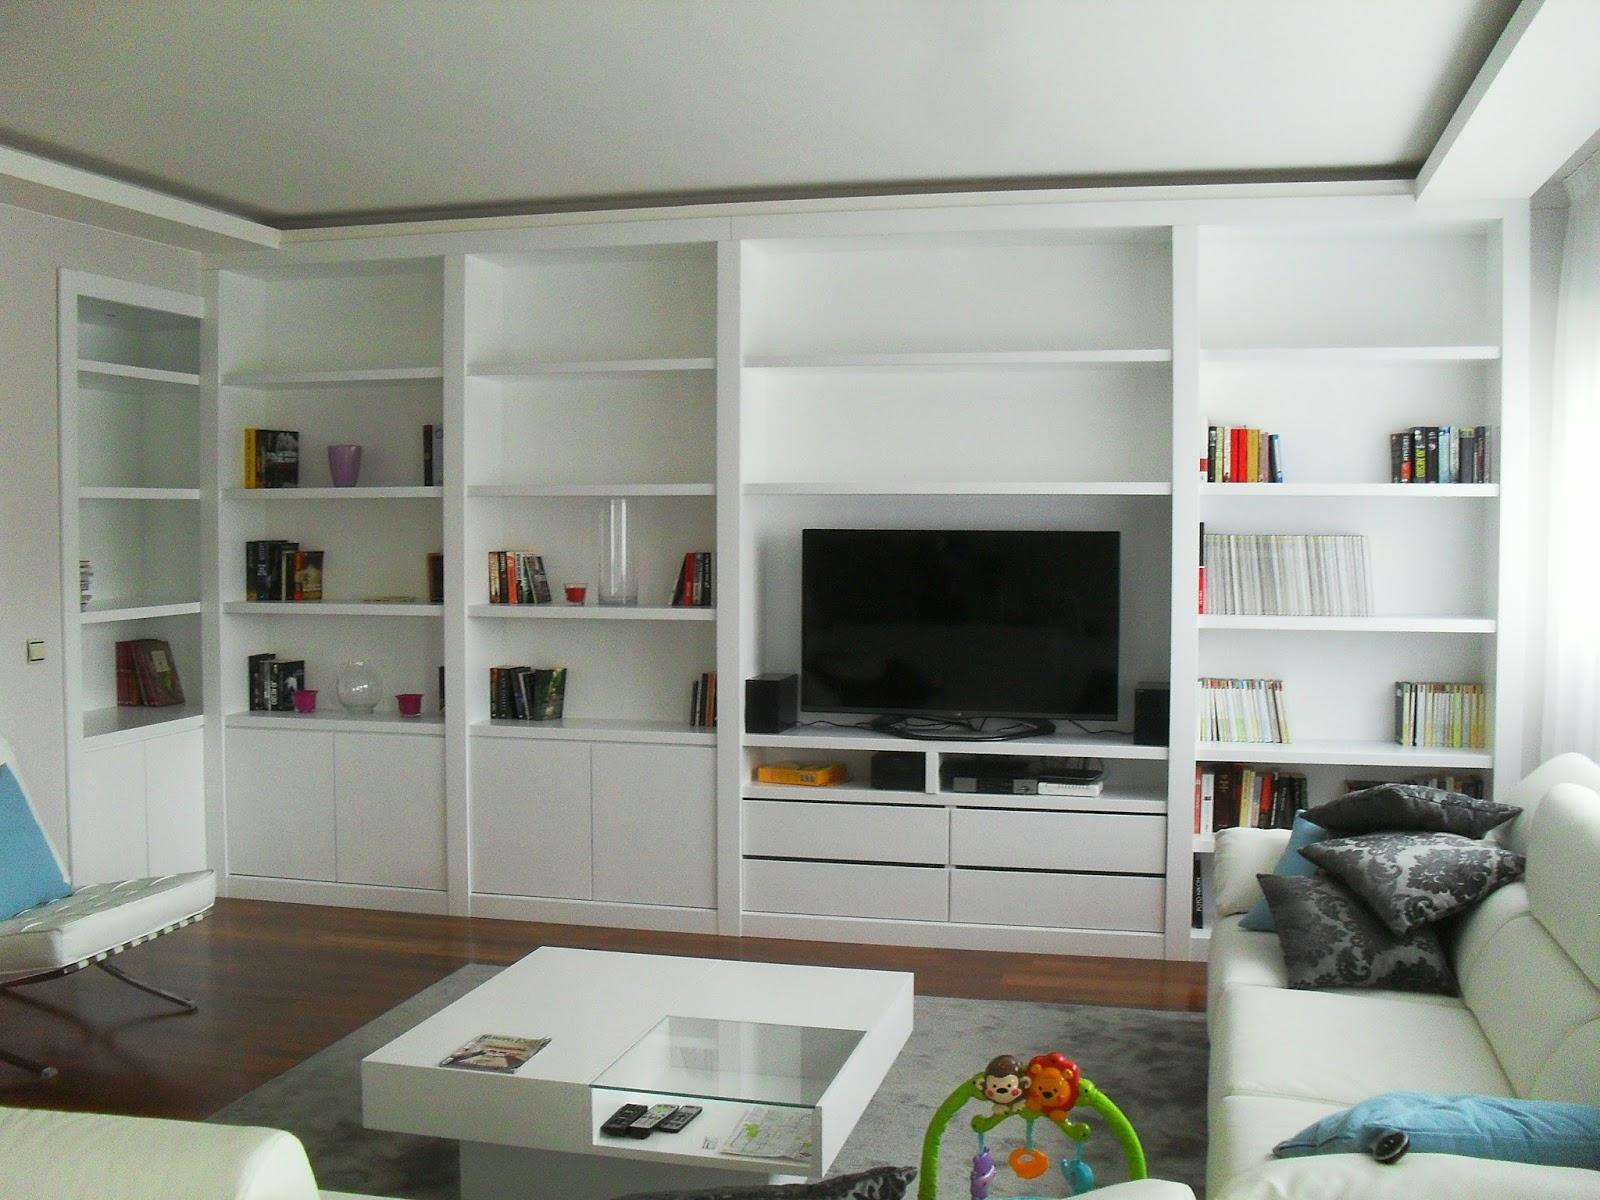 Libreria a medida madrid mueble a medida 617075183 - Librerias a medida en madrid ...